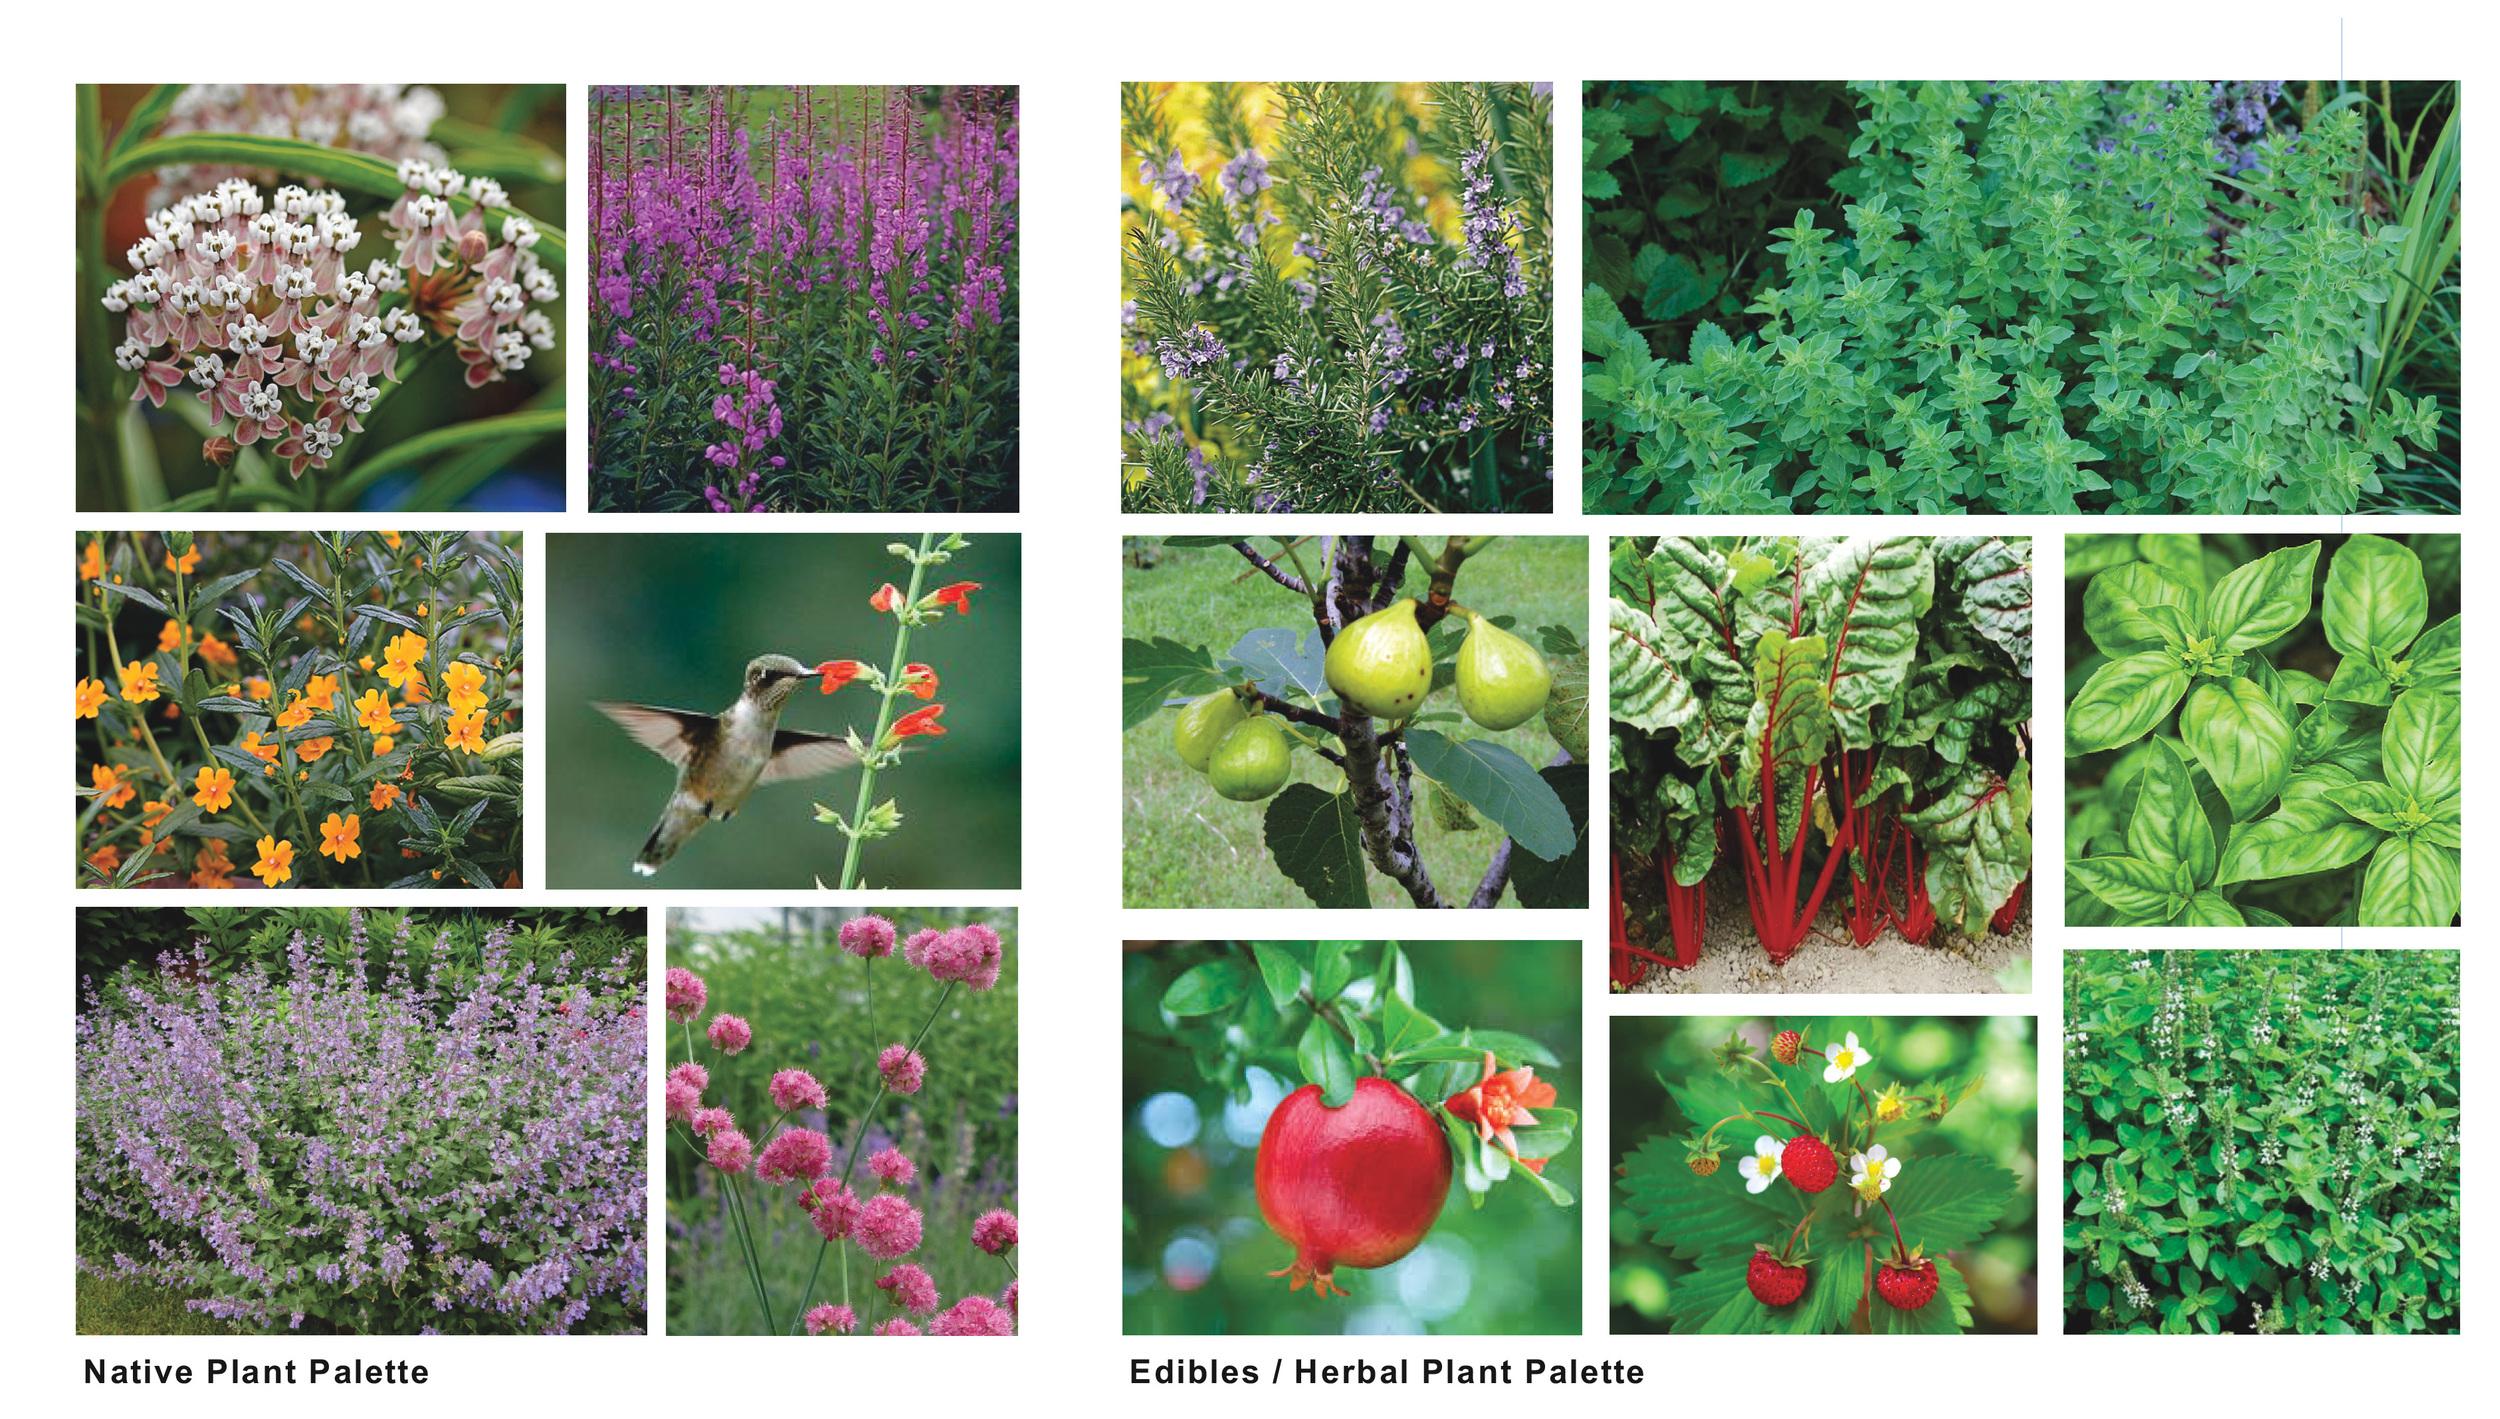 Glorietta Garden_Images sRGB.jpg